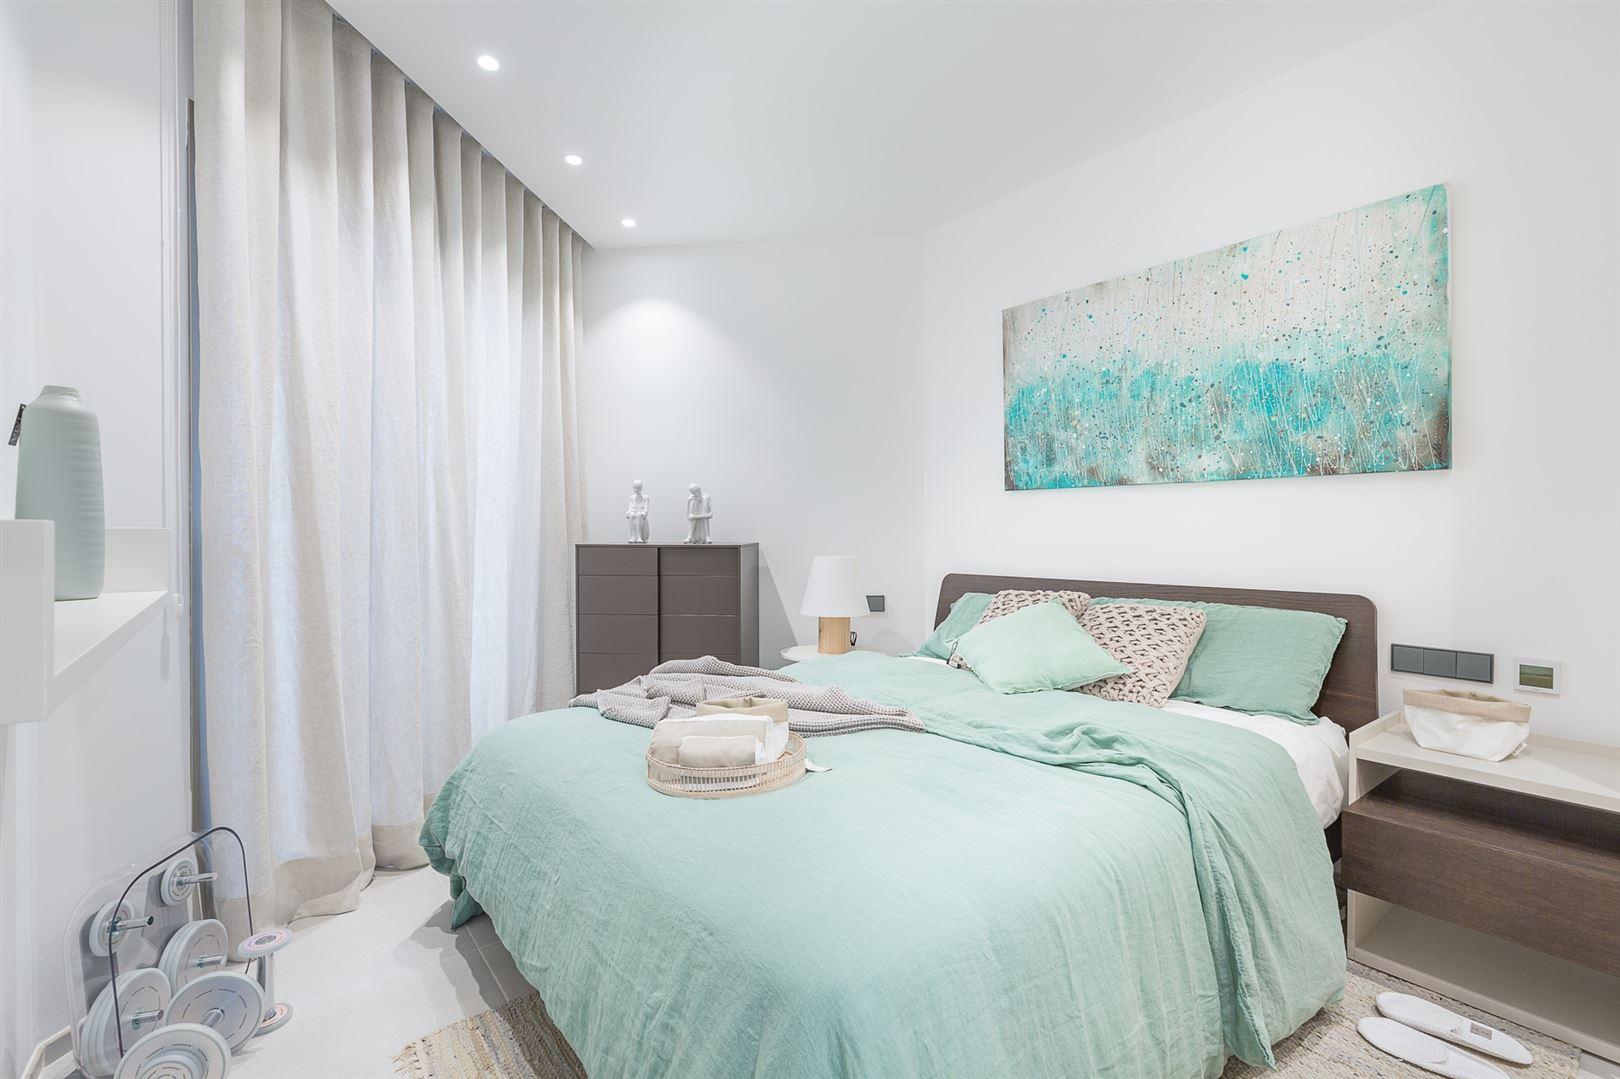 Foto 15 : Appartement te  ARONA - PALM MAR (Spanje) - Prijs Prijs op aanvraag